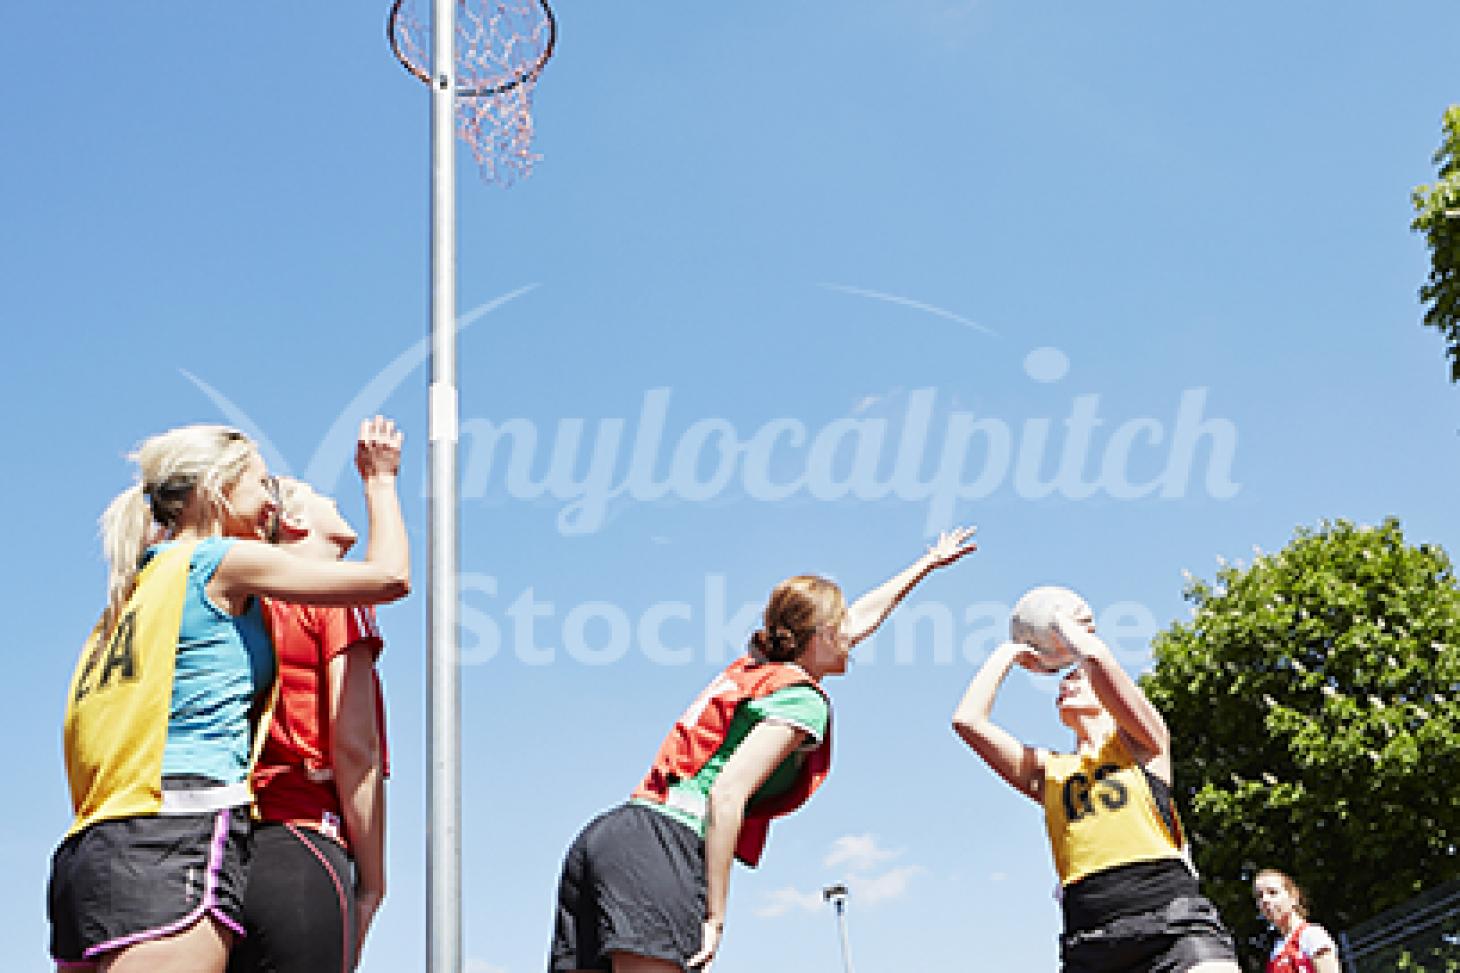 The Heathland School Indoor netball court